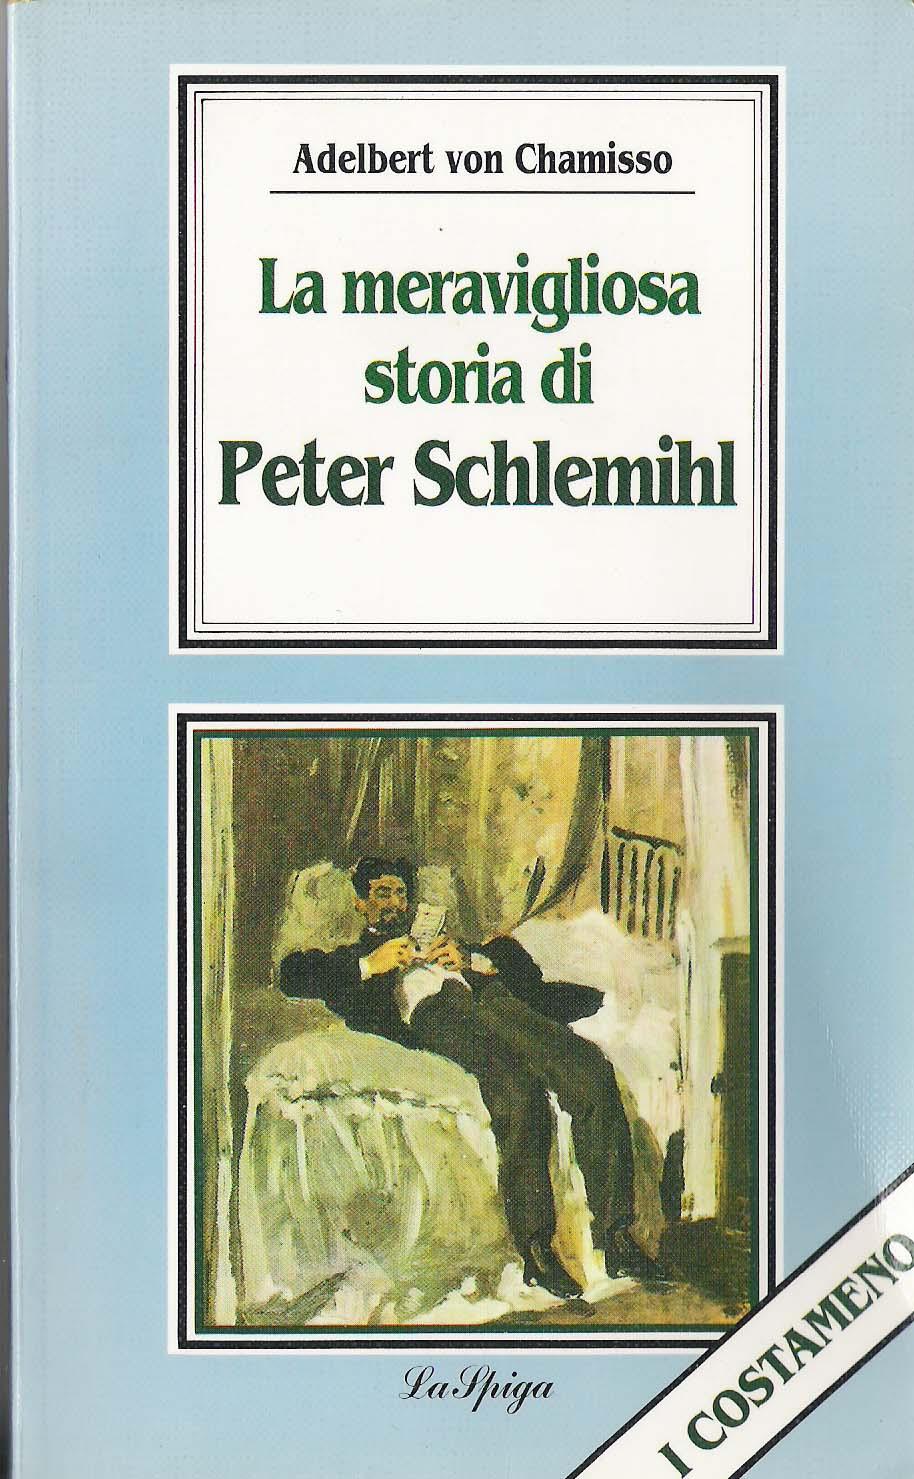 La meravigliosa storia di Peter Schlemihl